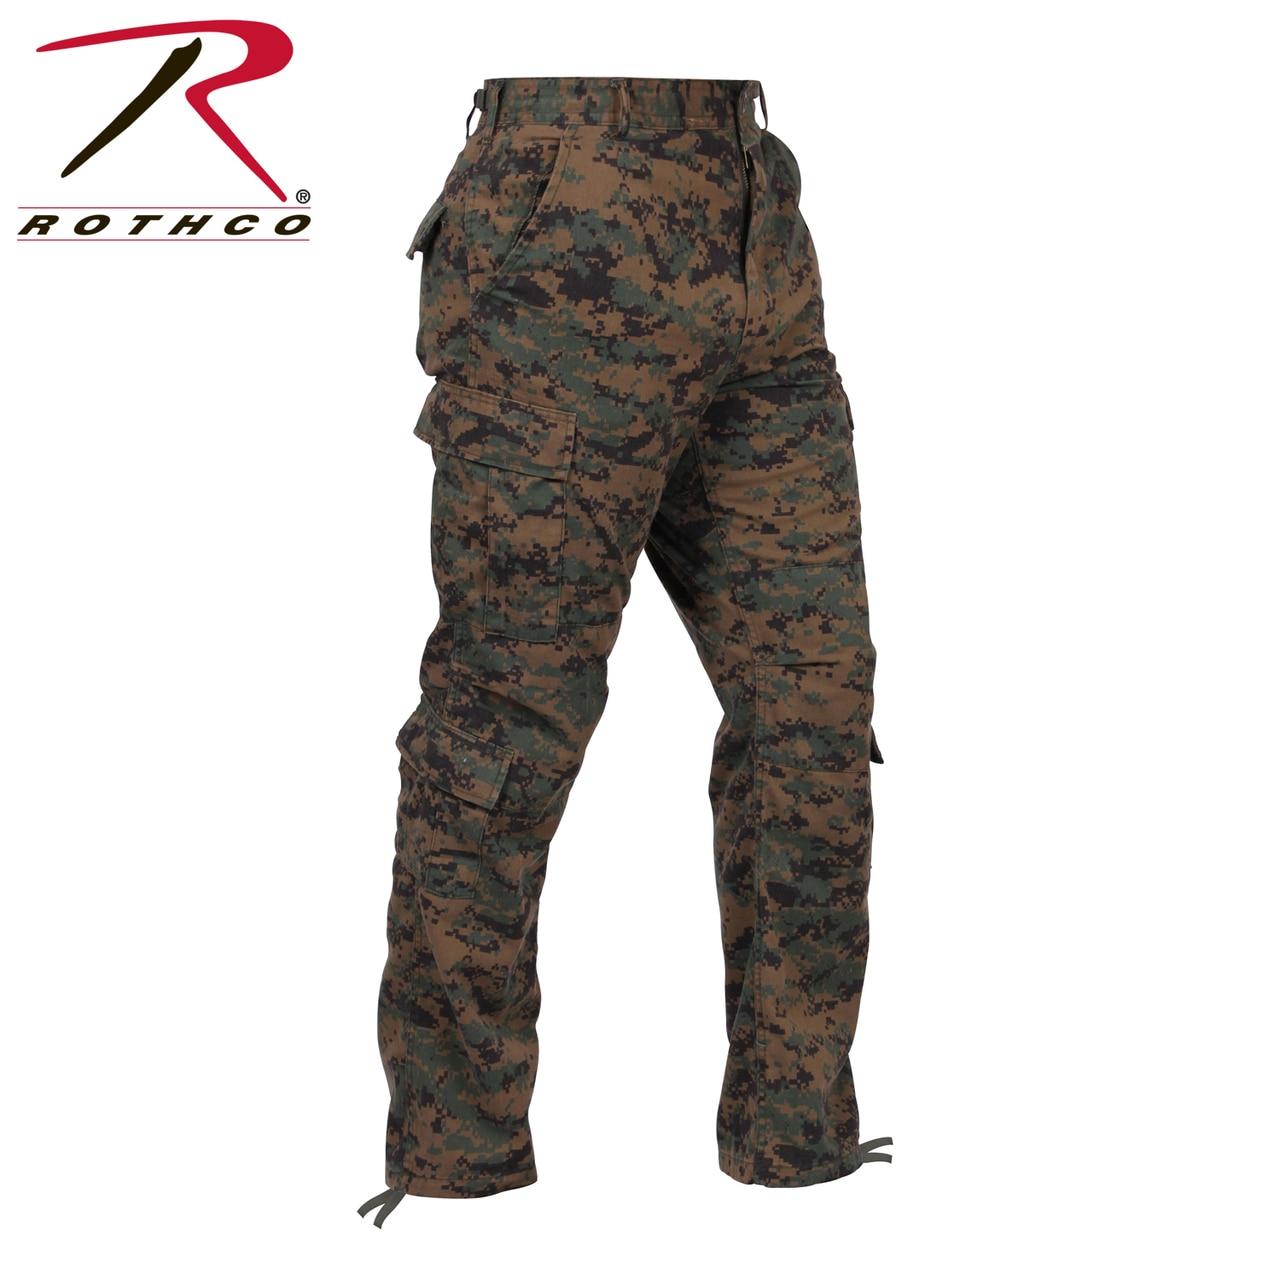 Rothco BDU Pants - Woodland Digital Camo